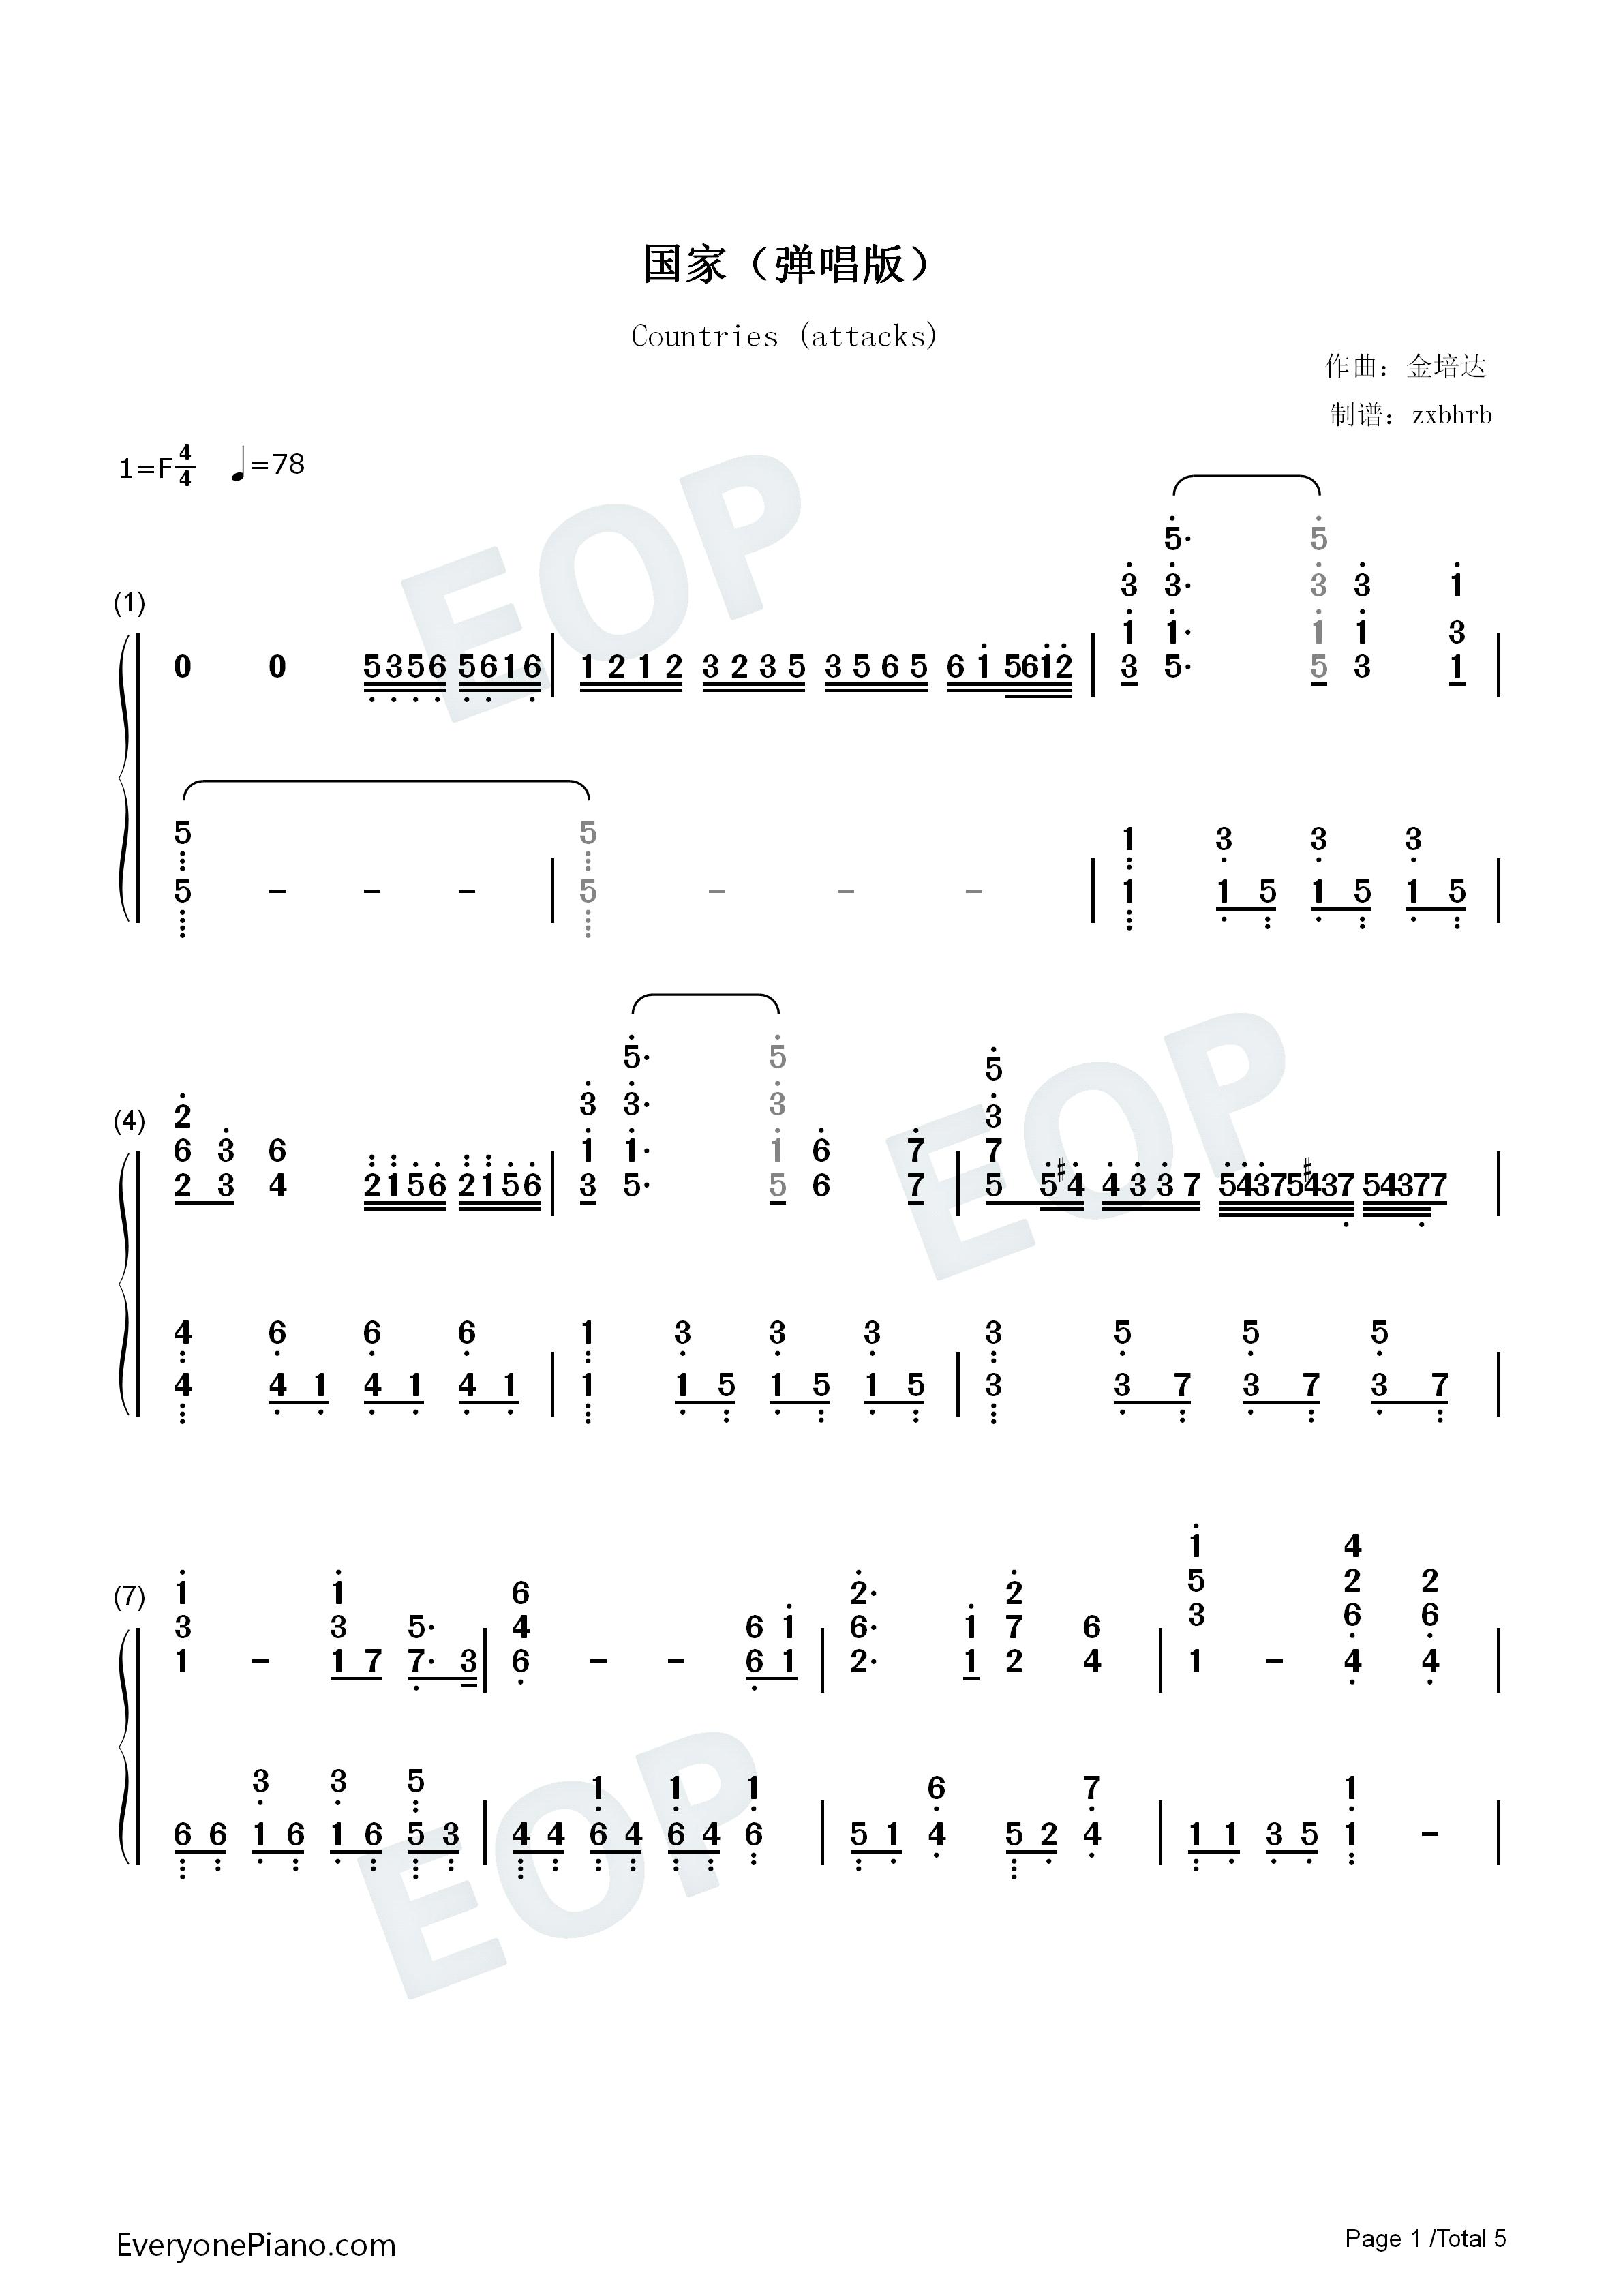 钢琴曲谱 流行 国家-成龙&刘媛媛 国家-成龙&刘媛媛双手简谱预览1